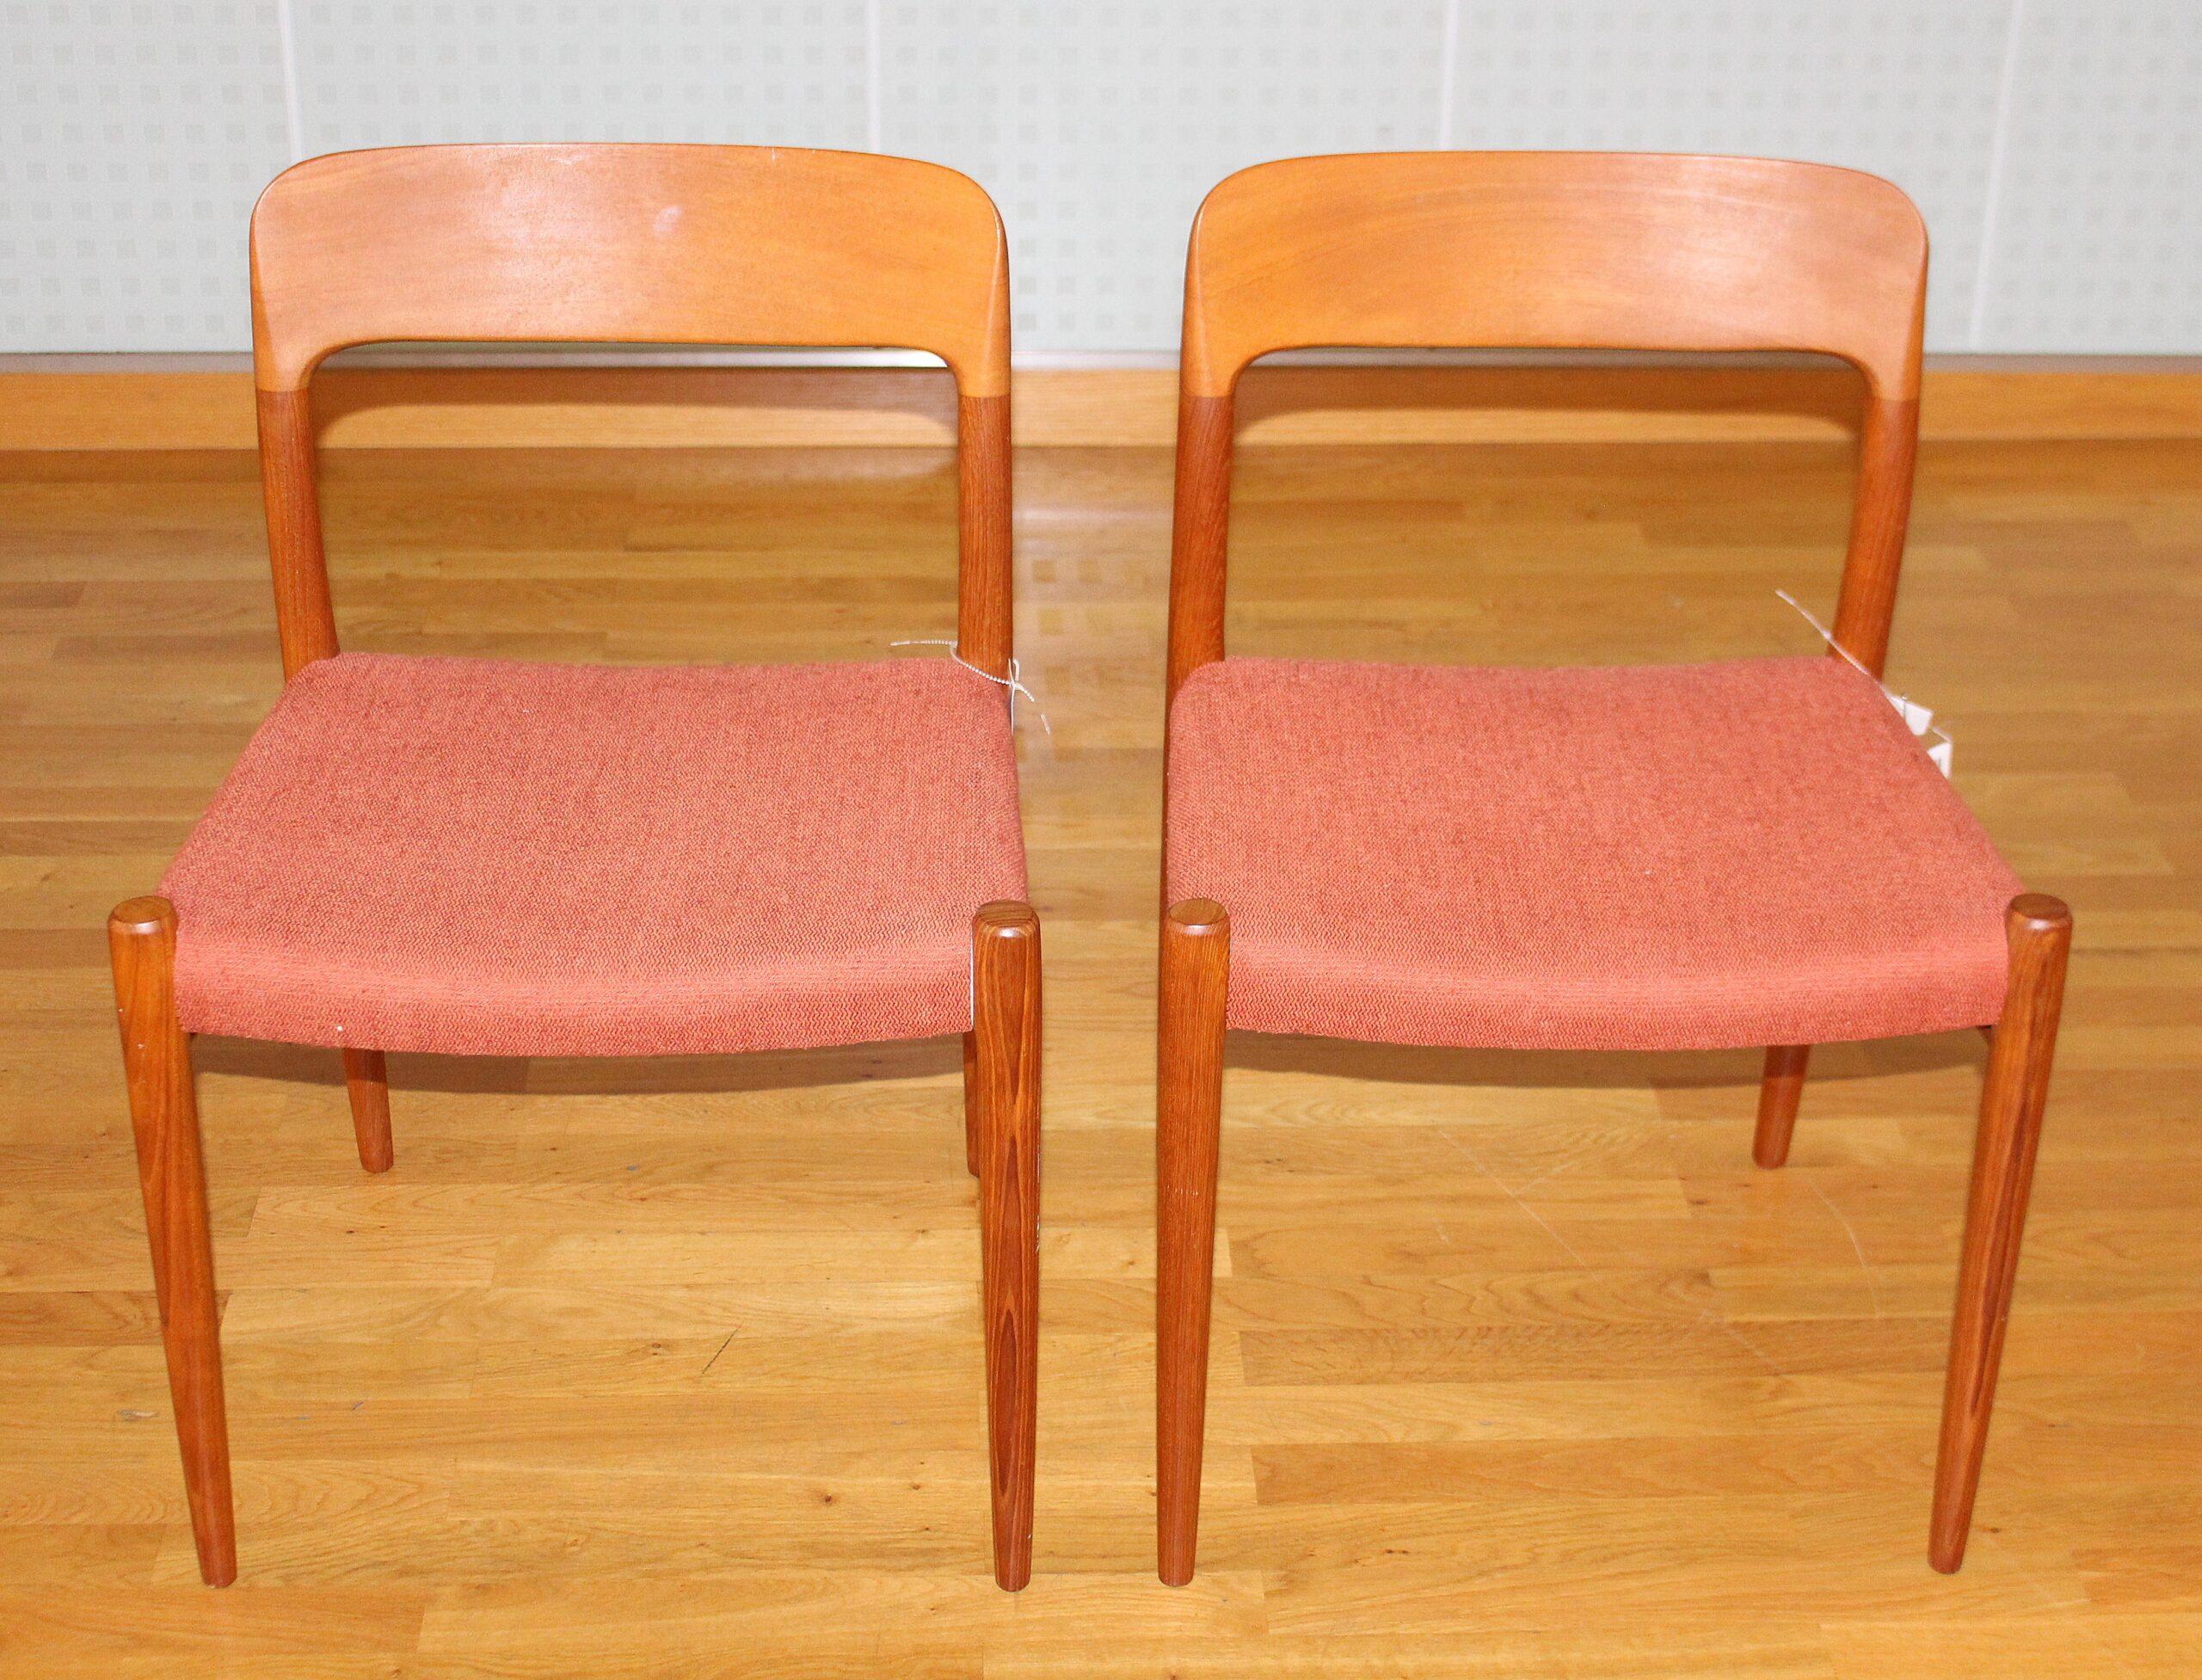 Full Size of Esstischstühle Zwei Esstischsthle Sthle Modell No 75 In Teak Esstische Esstischstühle